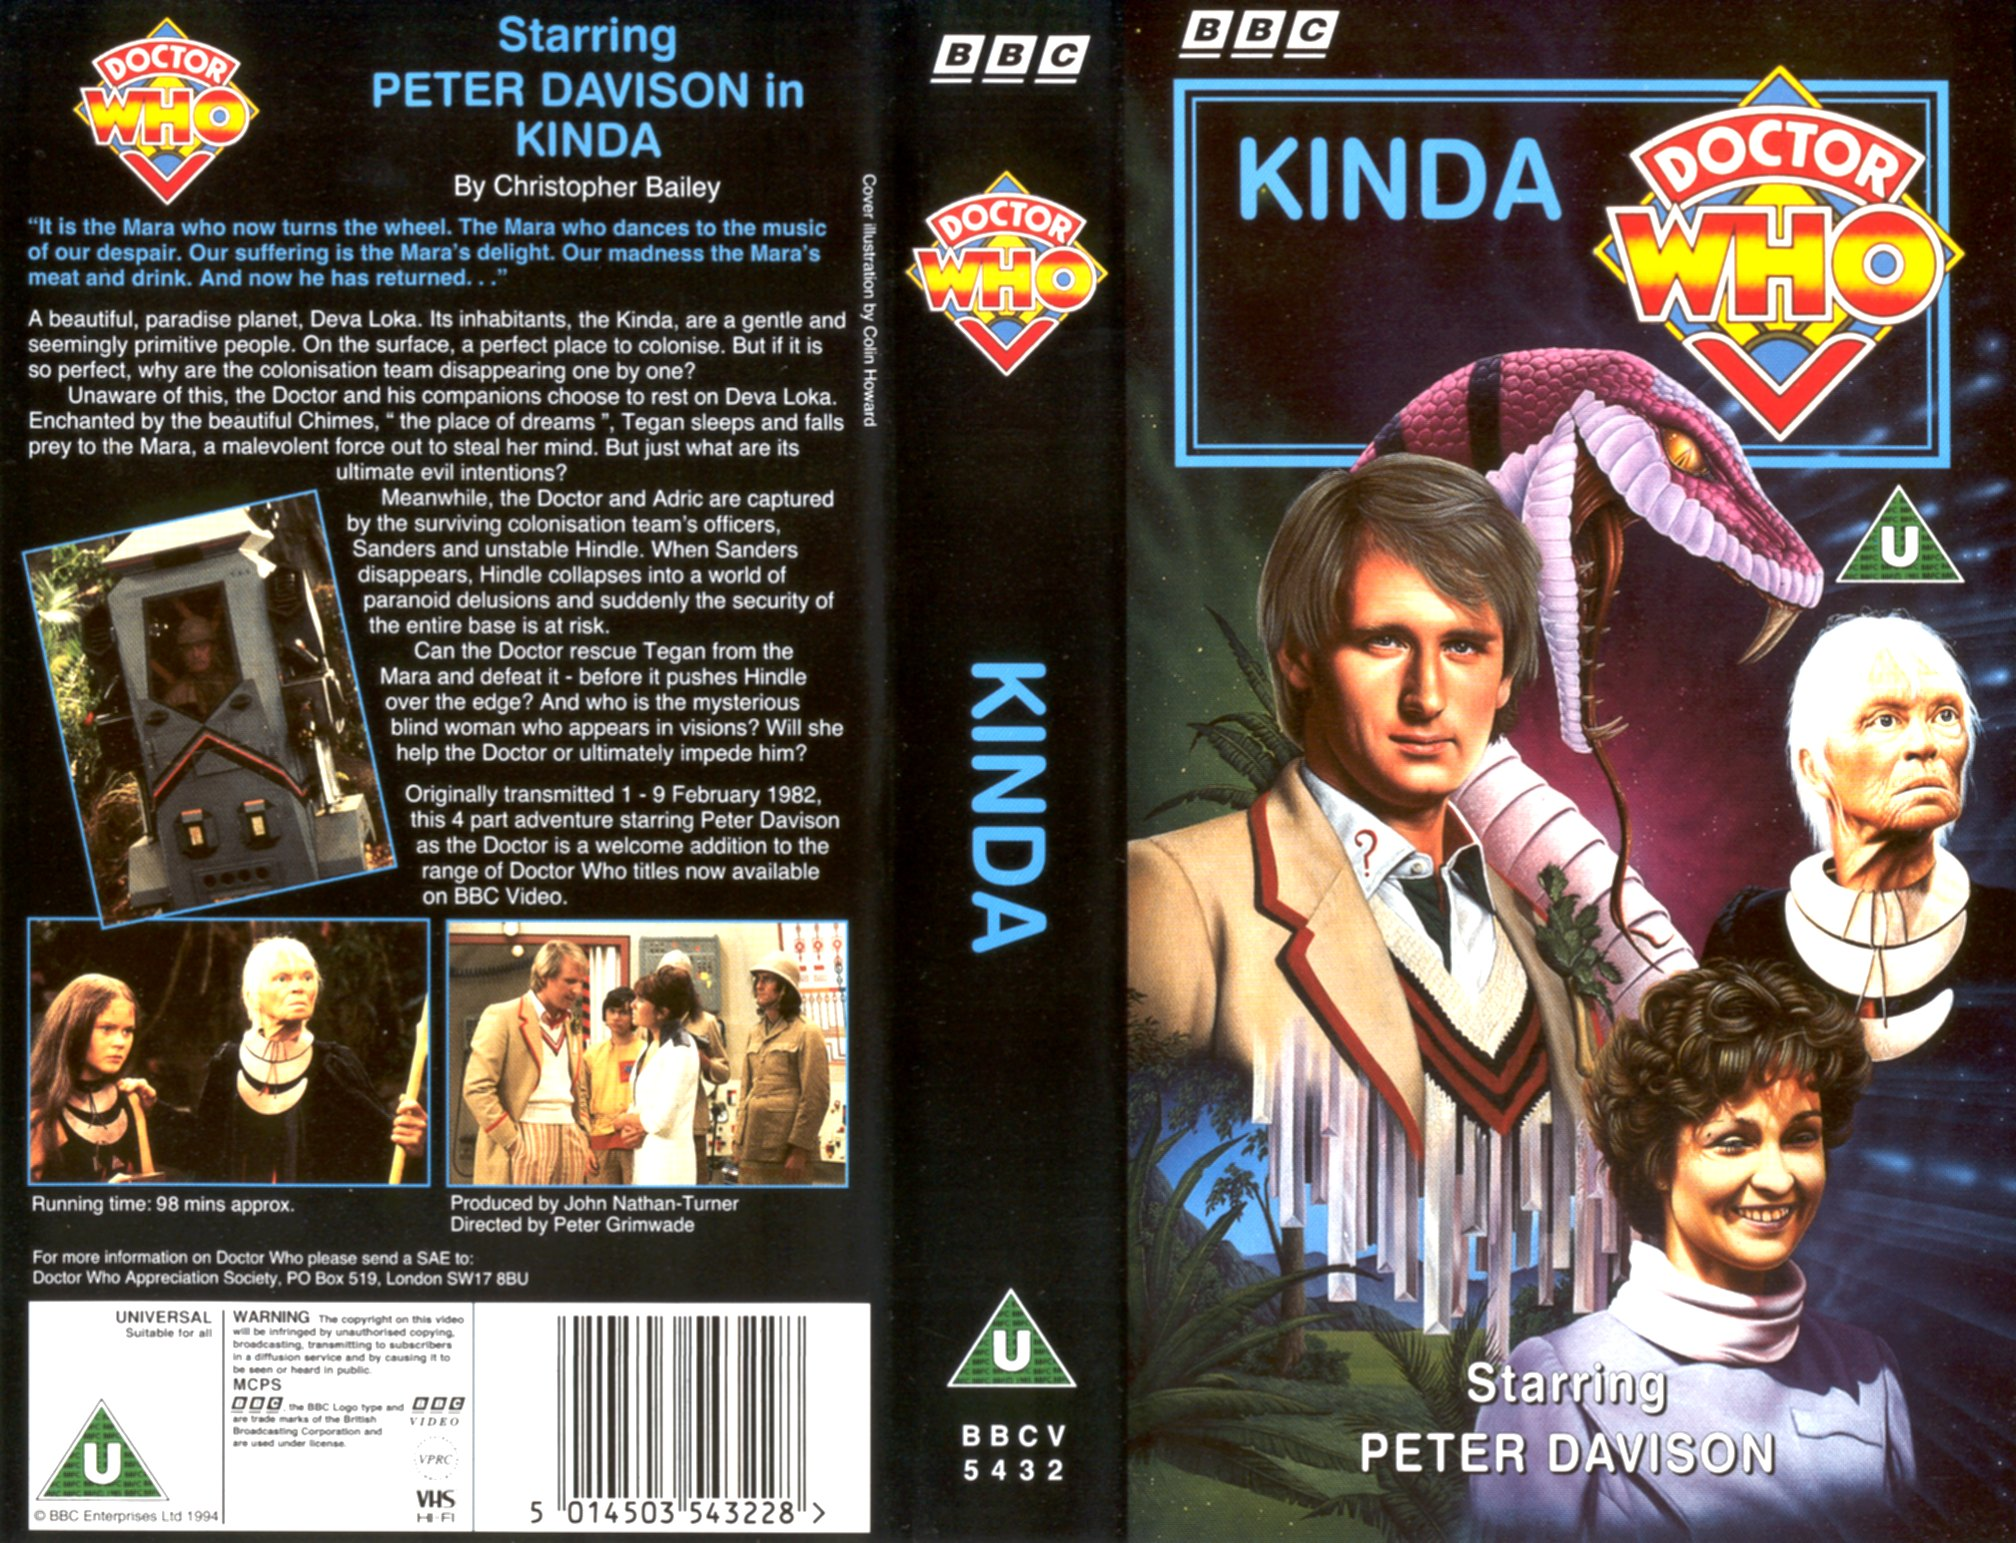 Kinda VHS